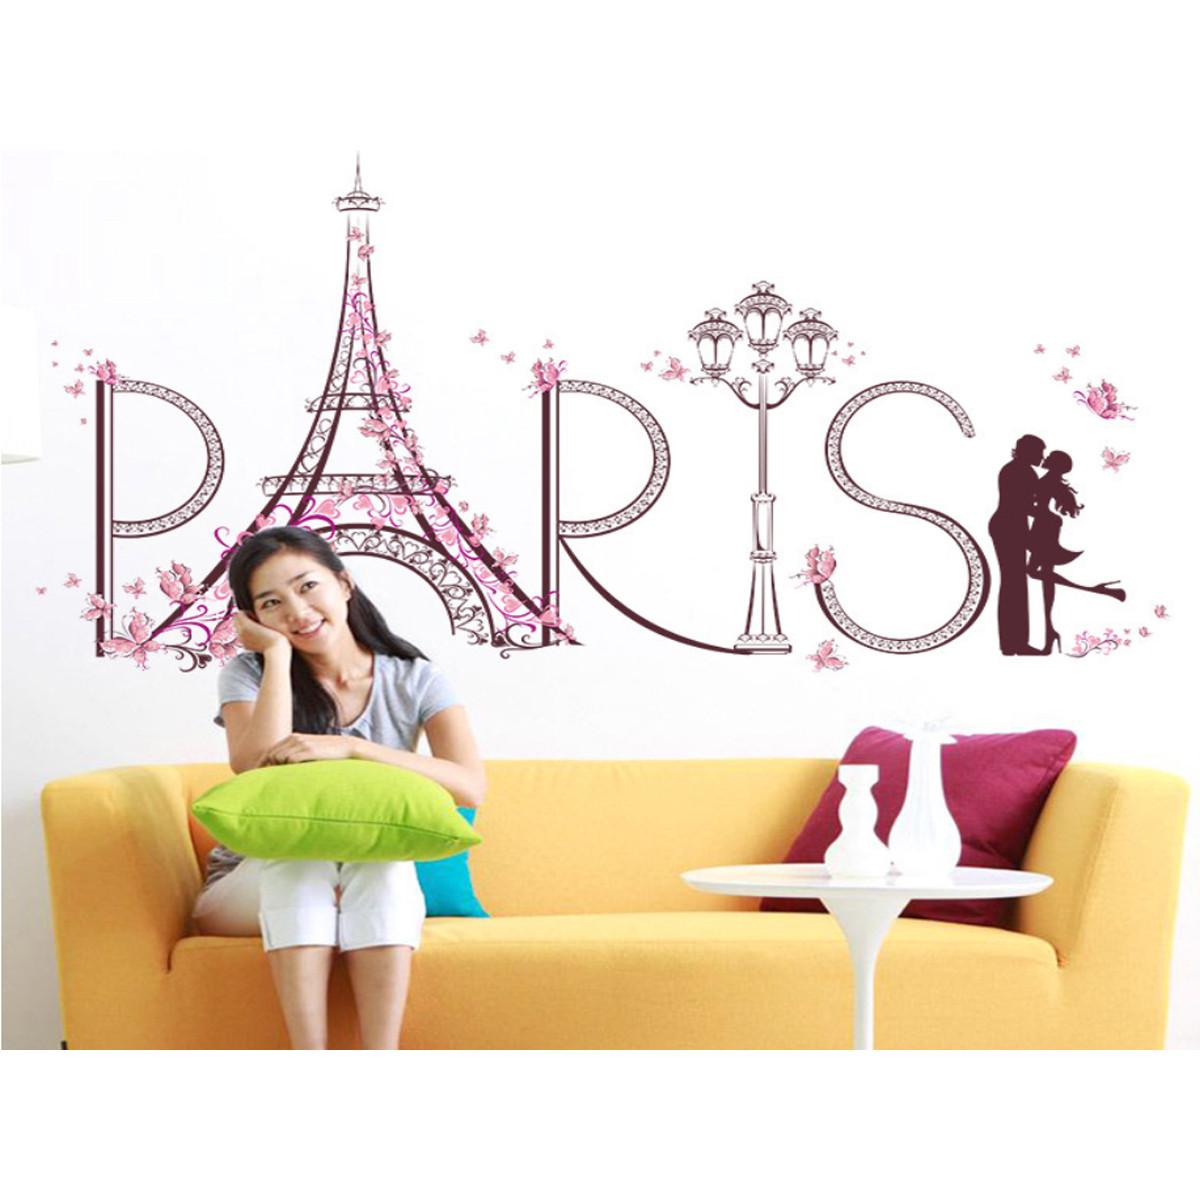 Decal dán tường trang trí phòng khách, phòng cưới- Tháp paris tình yêu-mã sp SK9007